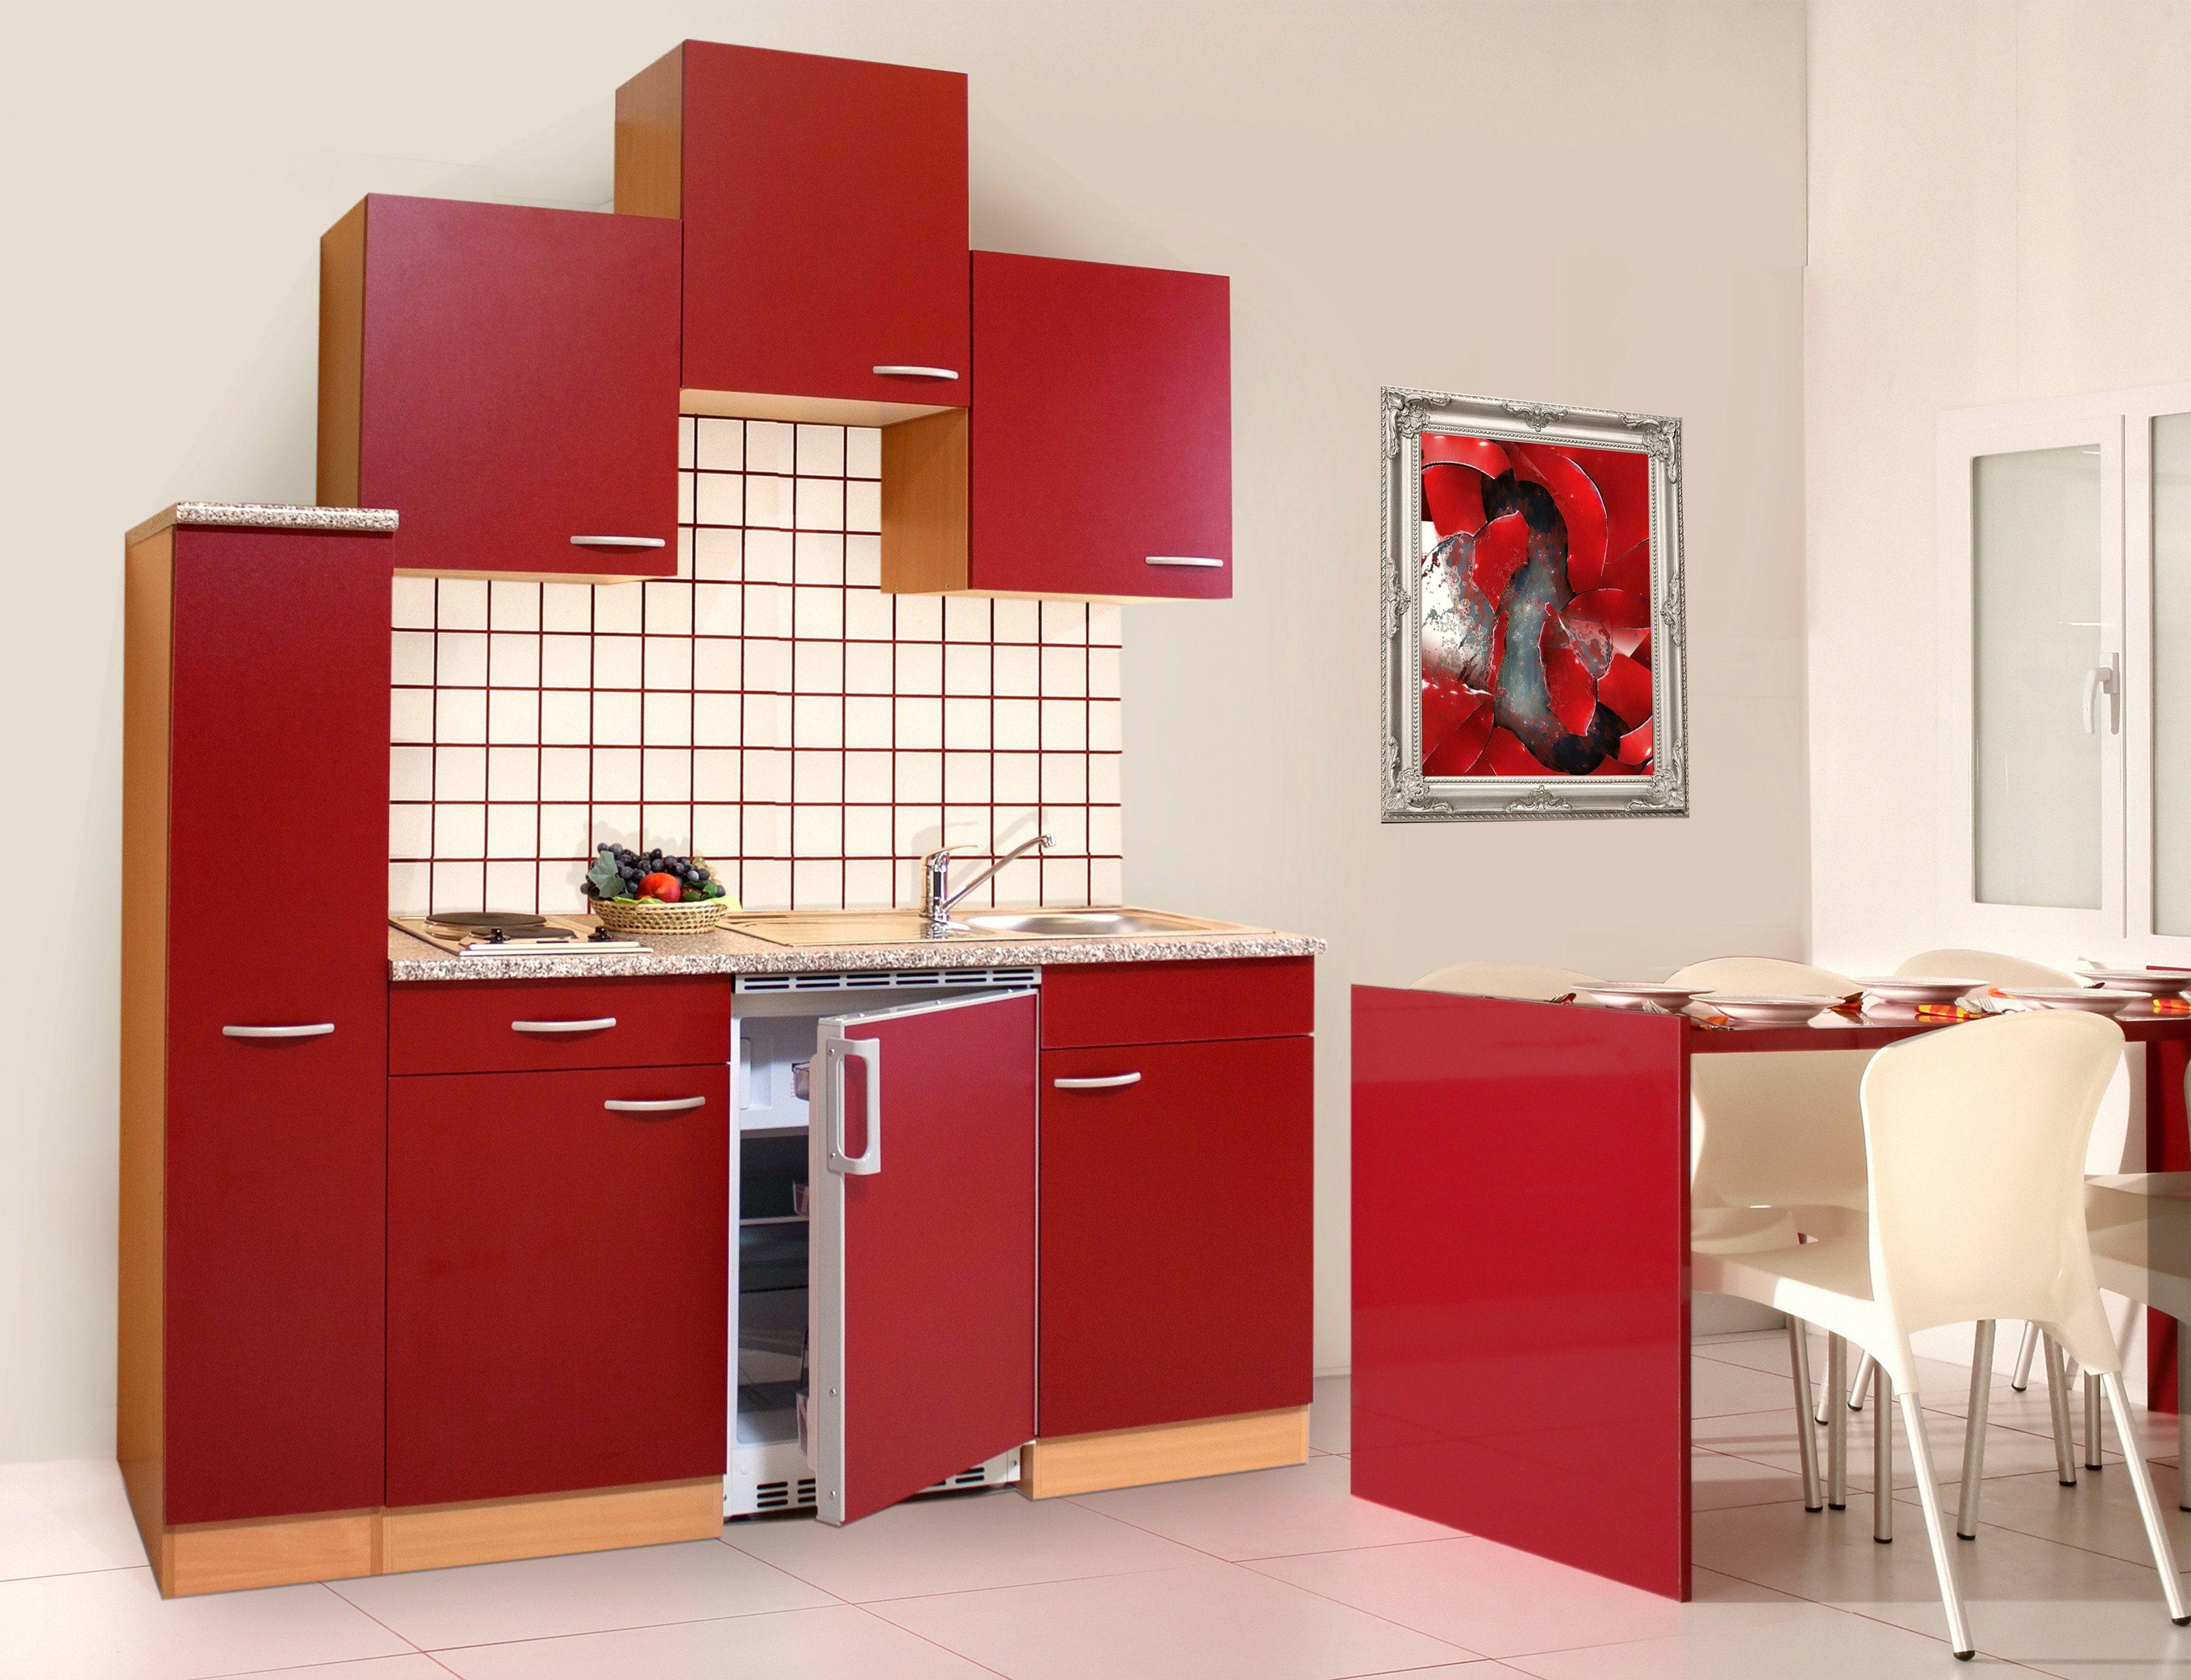 Miniküche Mit Kühlschrank Hagebaumarkt : Blau eiche miniküchen online kaufen möbel suchmaschine